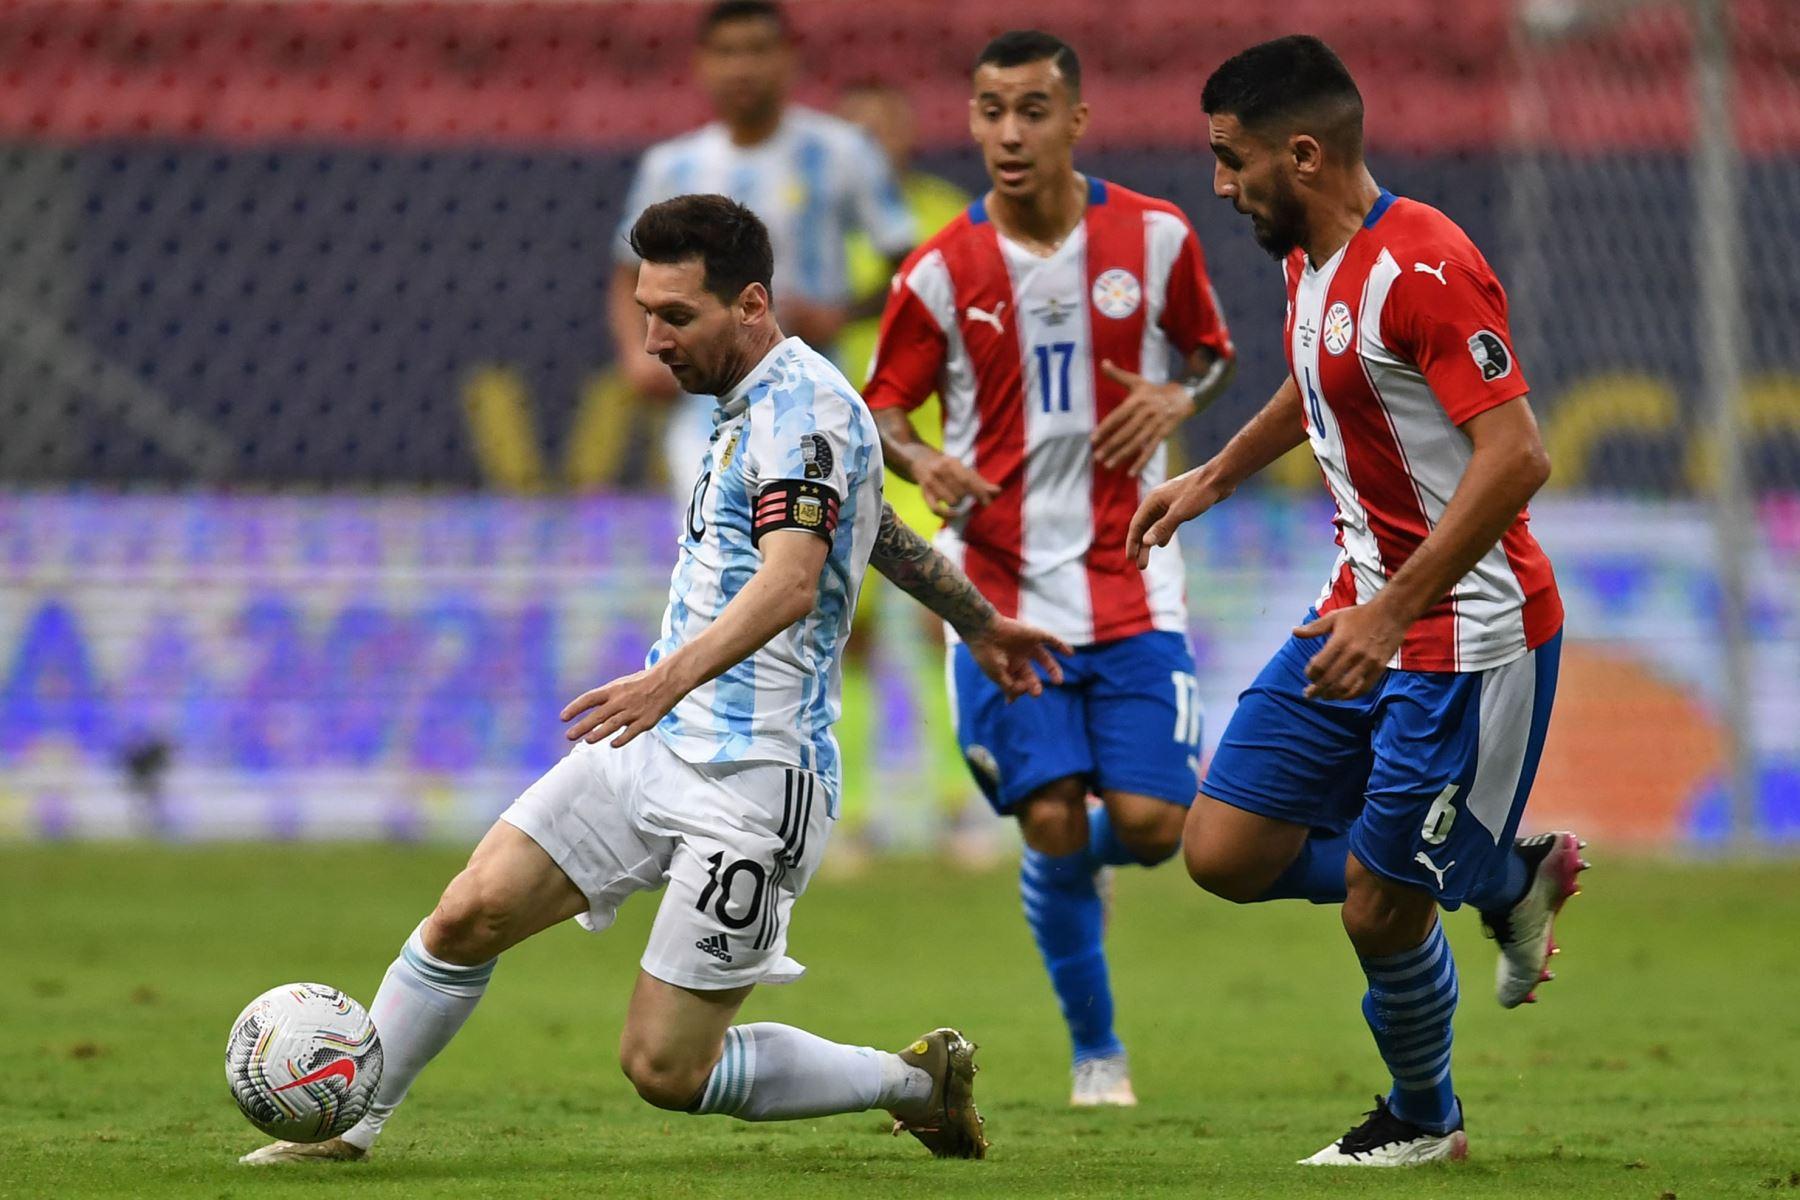 El argentino Lionel Messi  el paraguayo Junior Alonso compiten por el balón durante el partido de la fase de grupos del torneo de fútbol Conmebol Copa América 2021 en el estadio Mane Garrincha de Brasilia. Foto: AFP